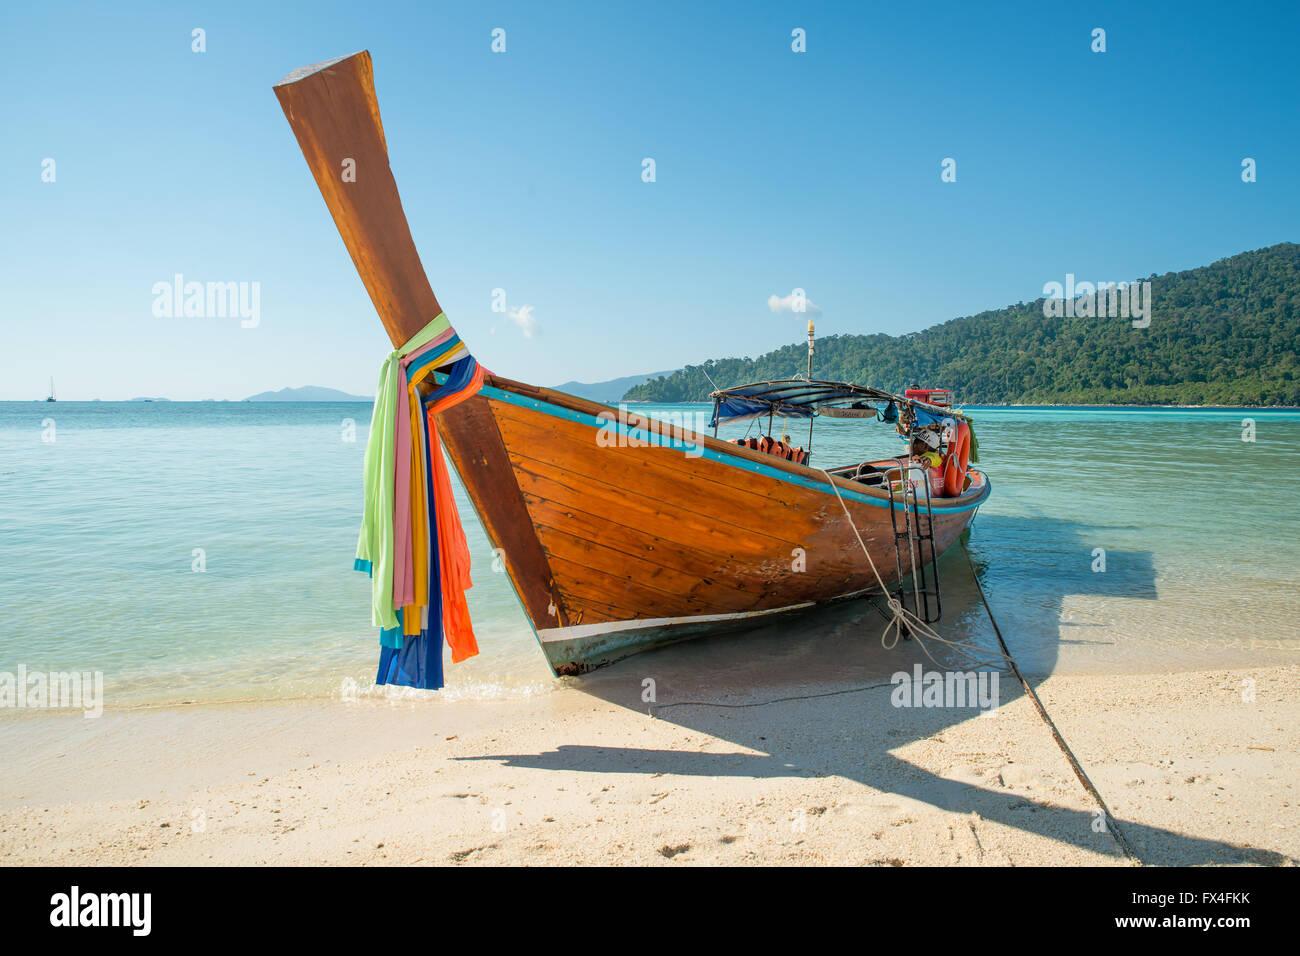 L'été, les voyages, vacances et Maison de Vacances - concept Tropical beach, bateaux longtail à Photo Stock